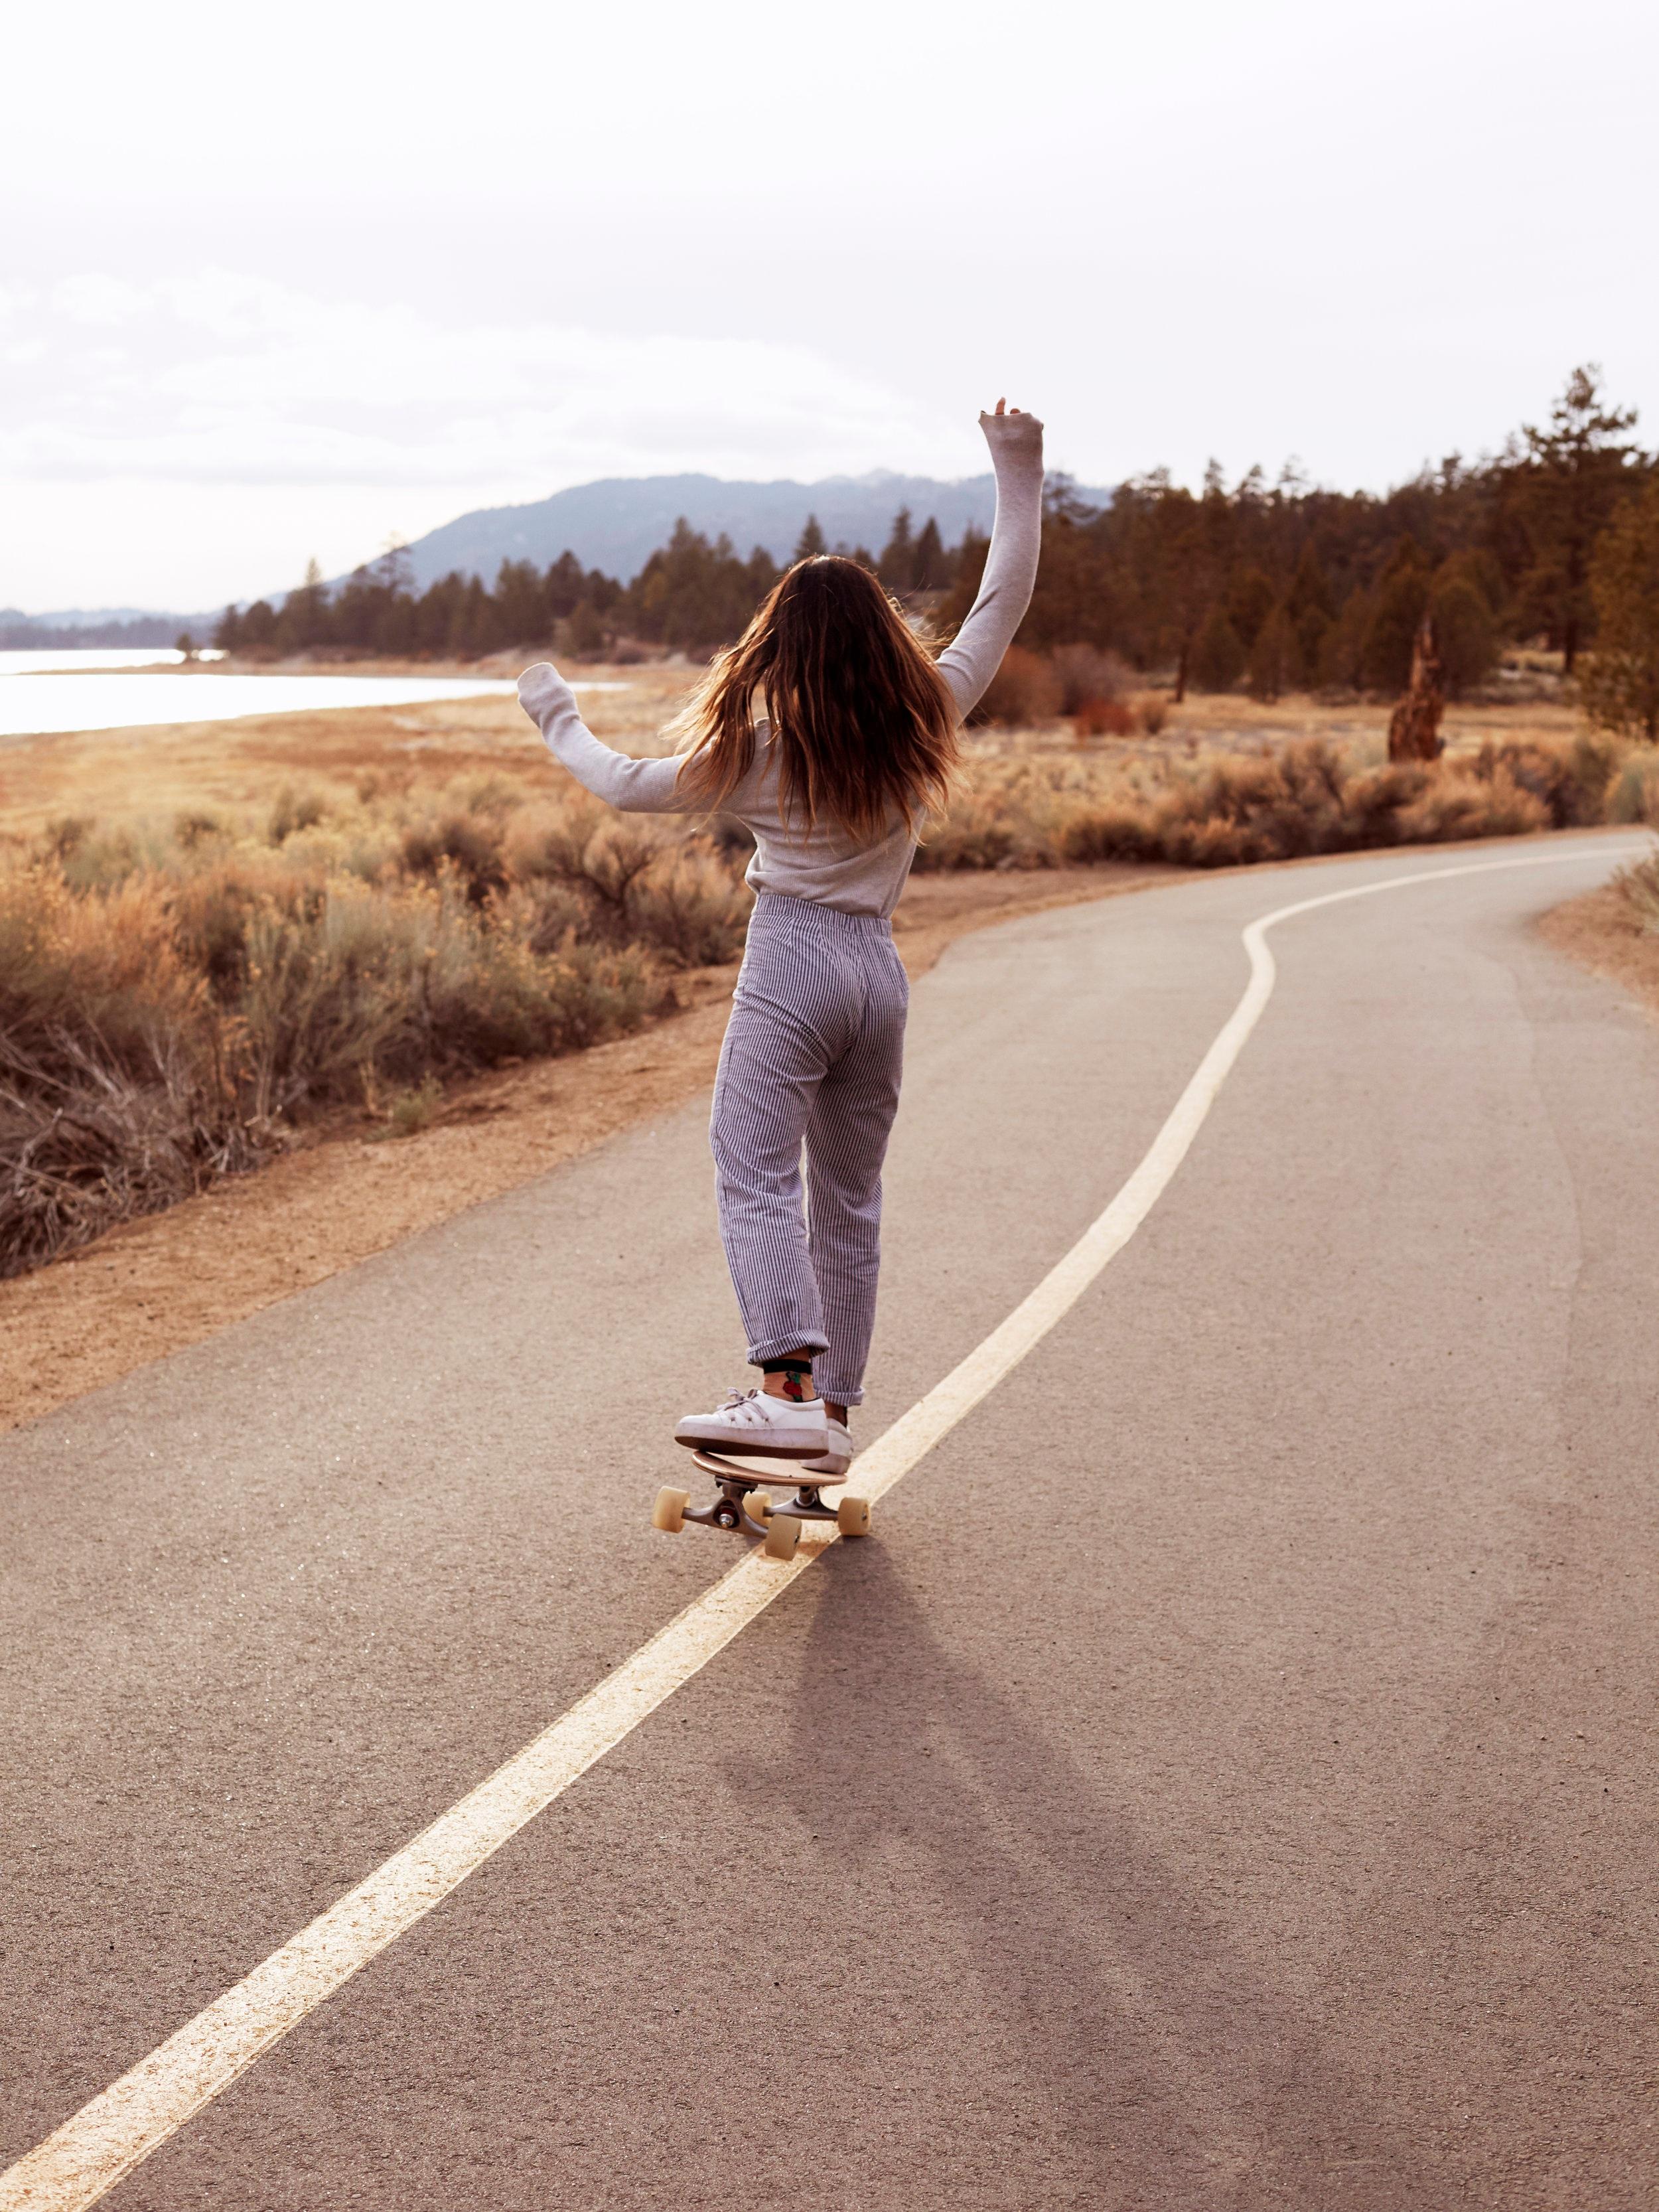 Hannah+wang+big+bear+arbor+skateboards.jpg